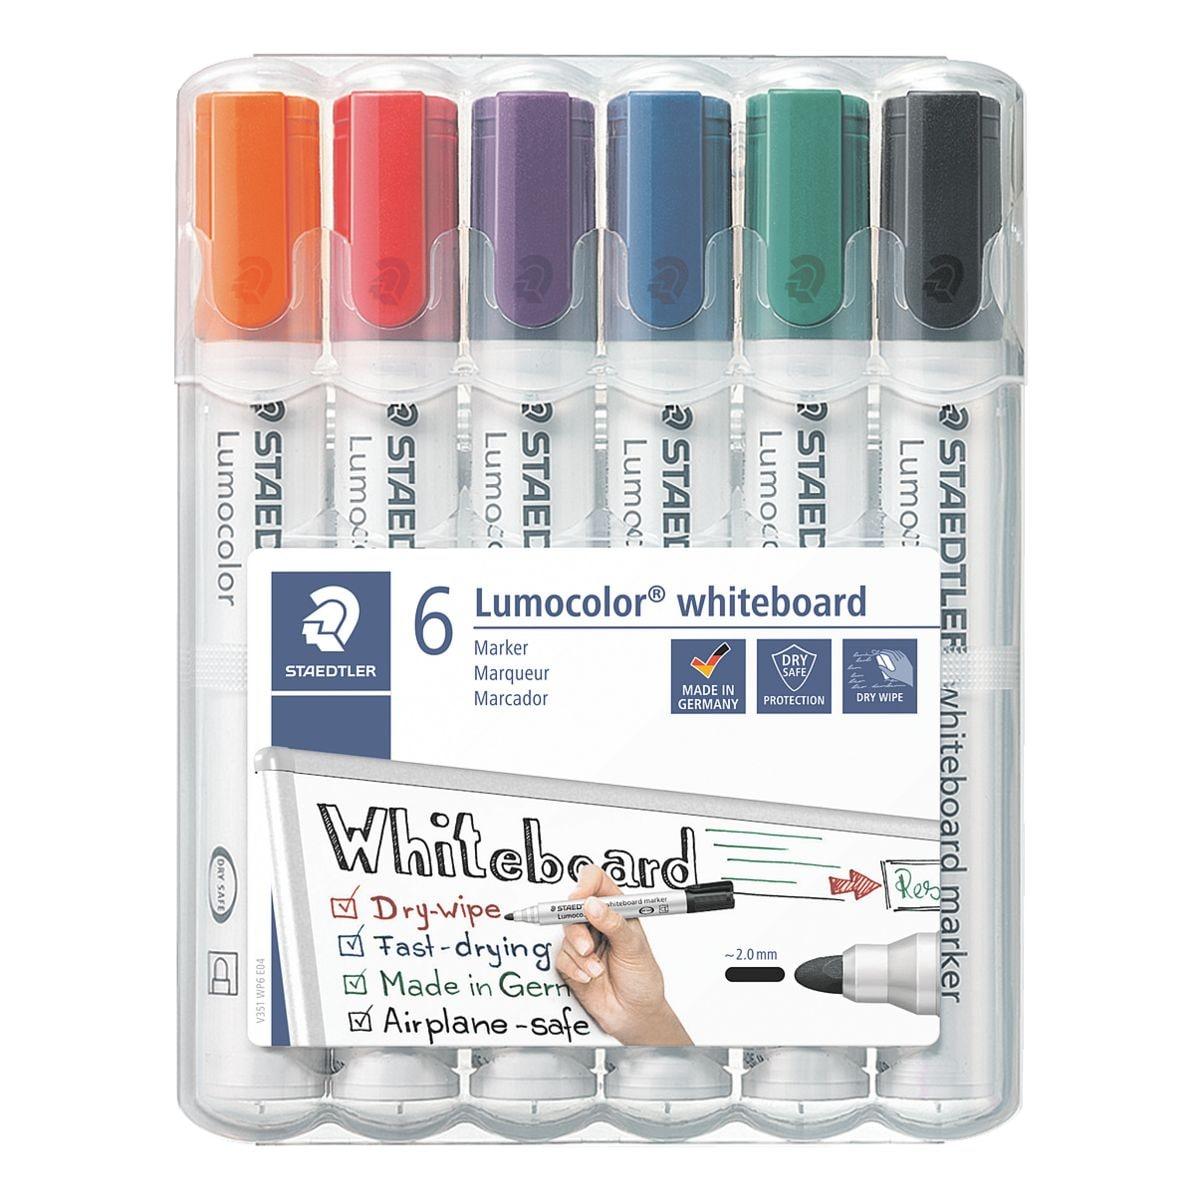 Staedtler 6er-Pack Whiteboard-Marker »Lumocolor 351 WP6«